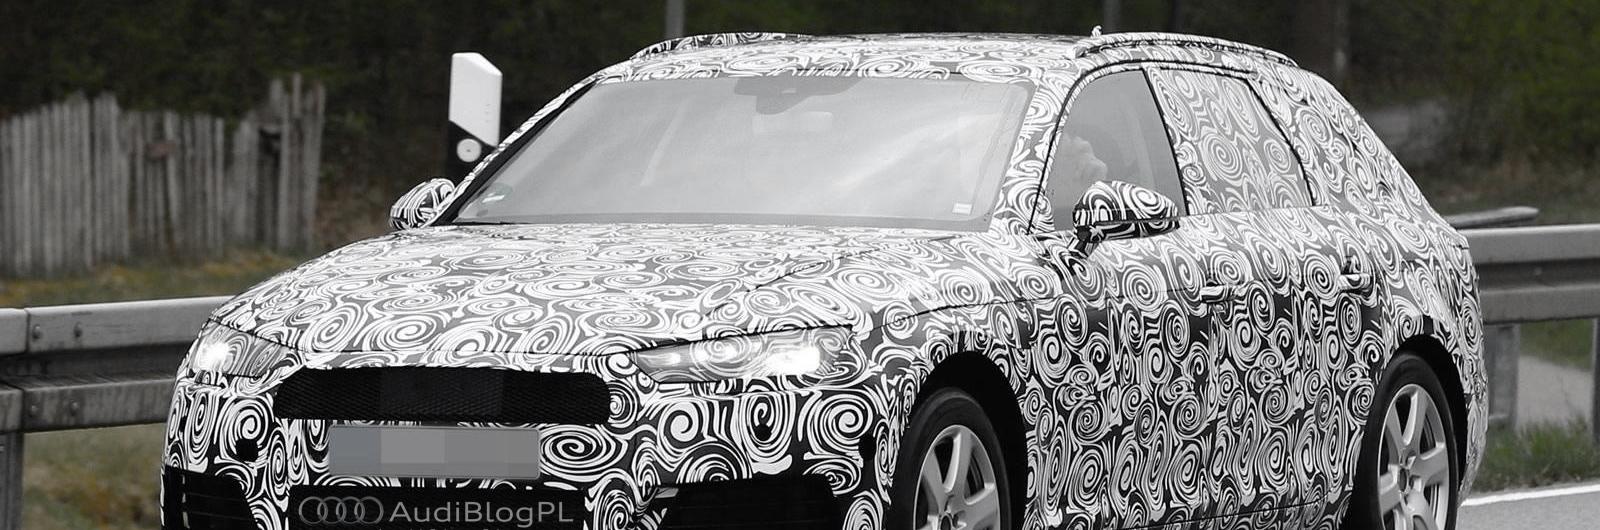 Testy prototypu Audi A4 Avant B9